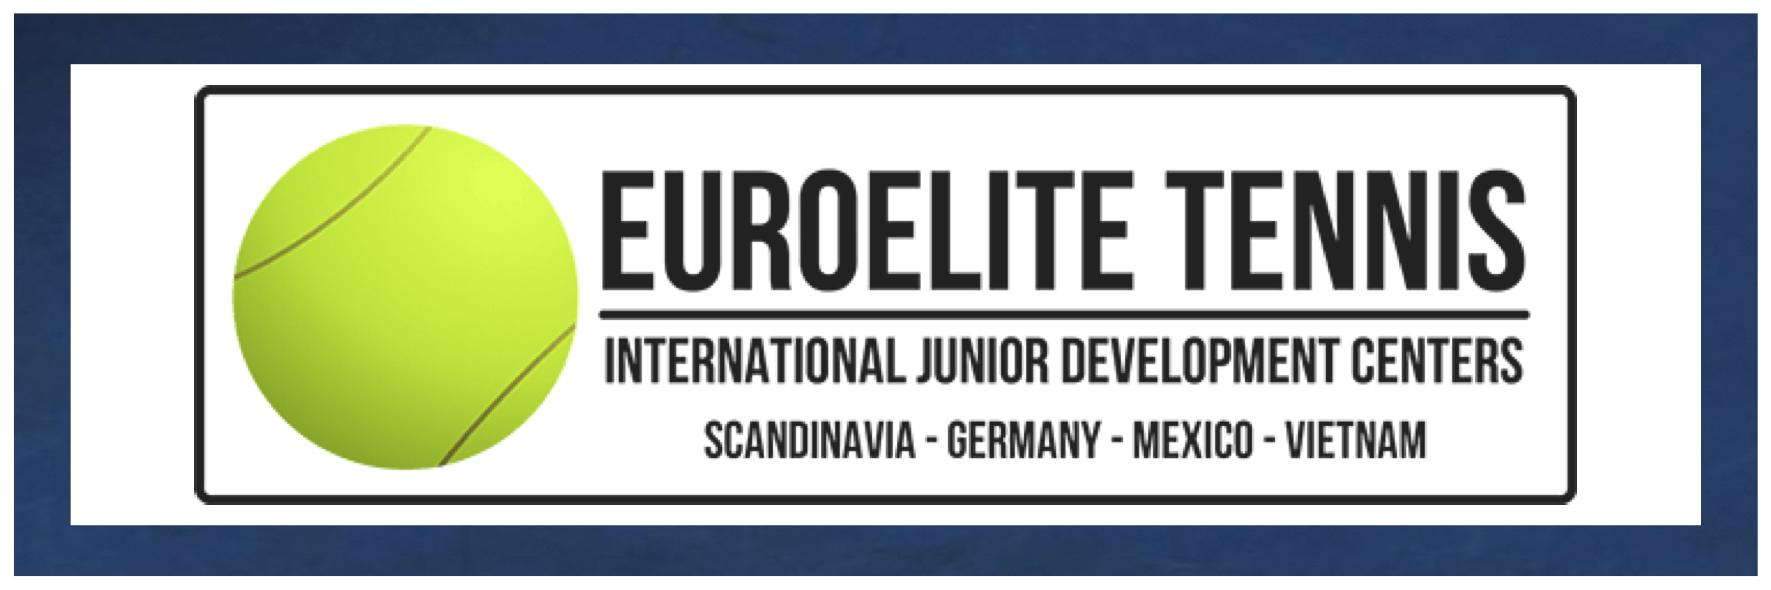 Hjemmeside-Banner-Euroelite-tennis